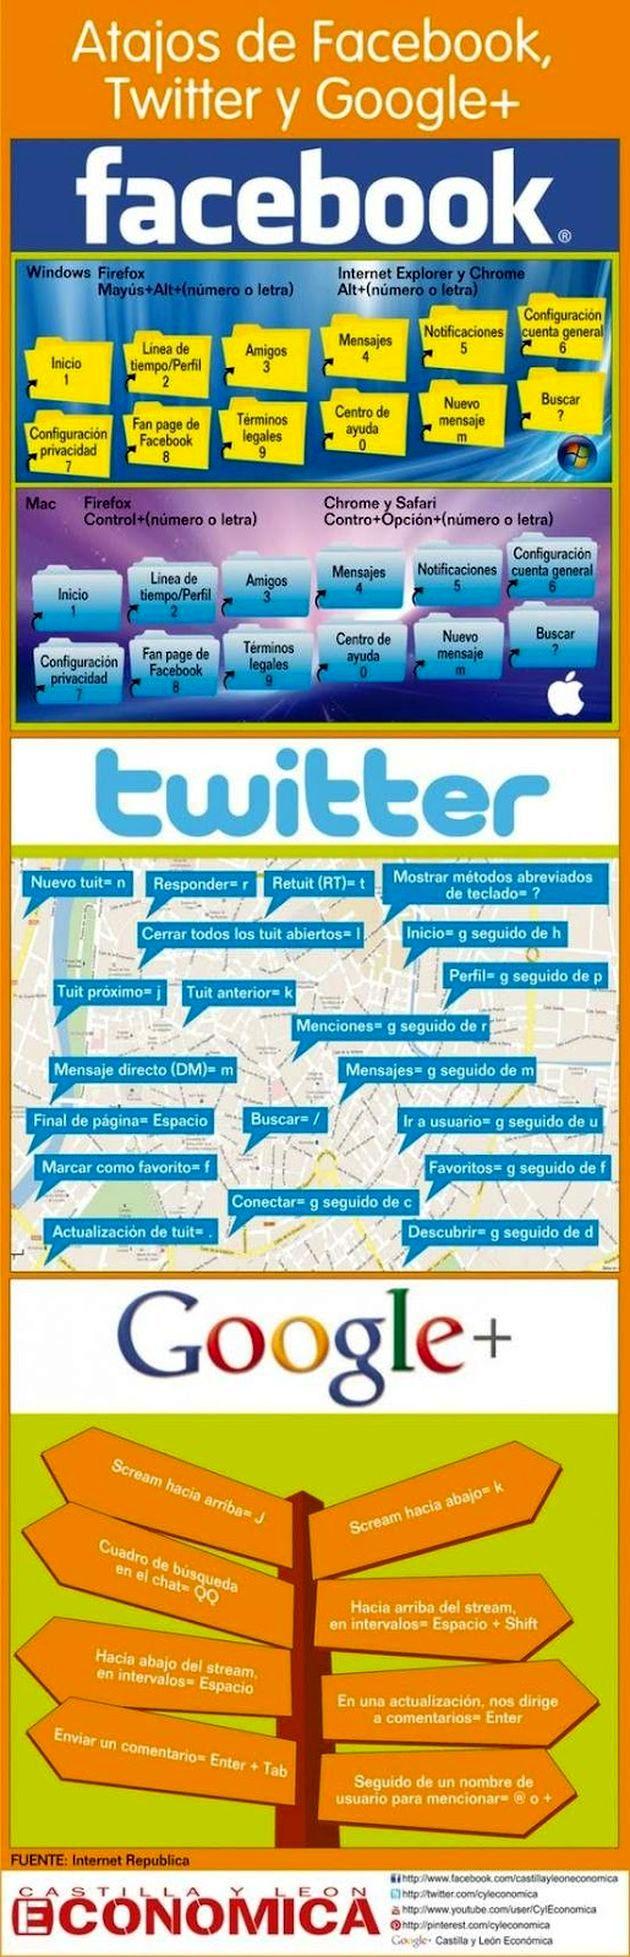 Atajos de teclado en Redes Sociales2 Una práctica infografía con los atajos de teclado para Facebook, Twitter y Google+